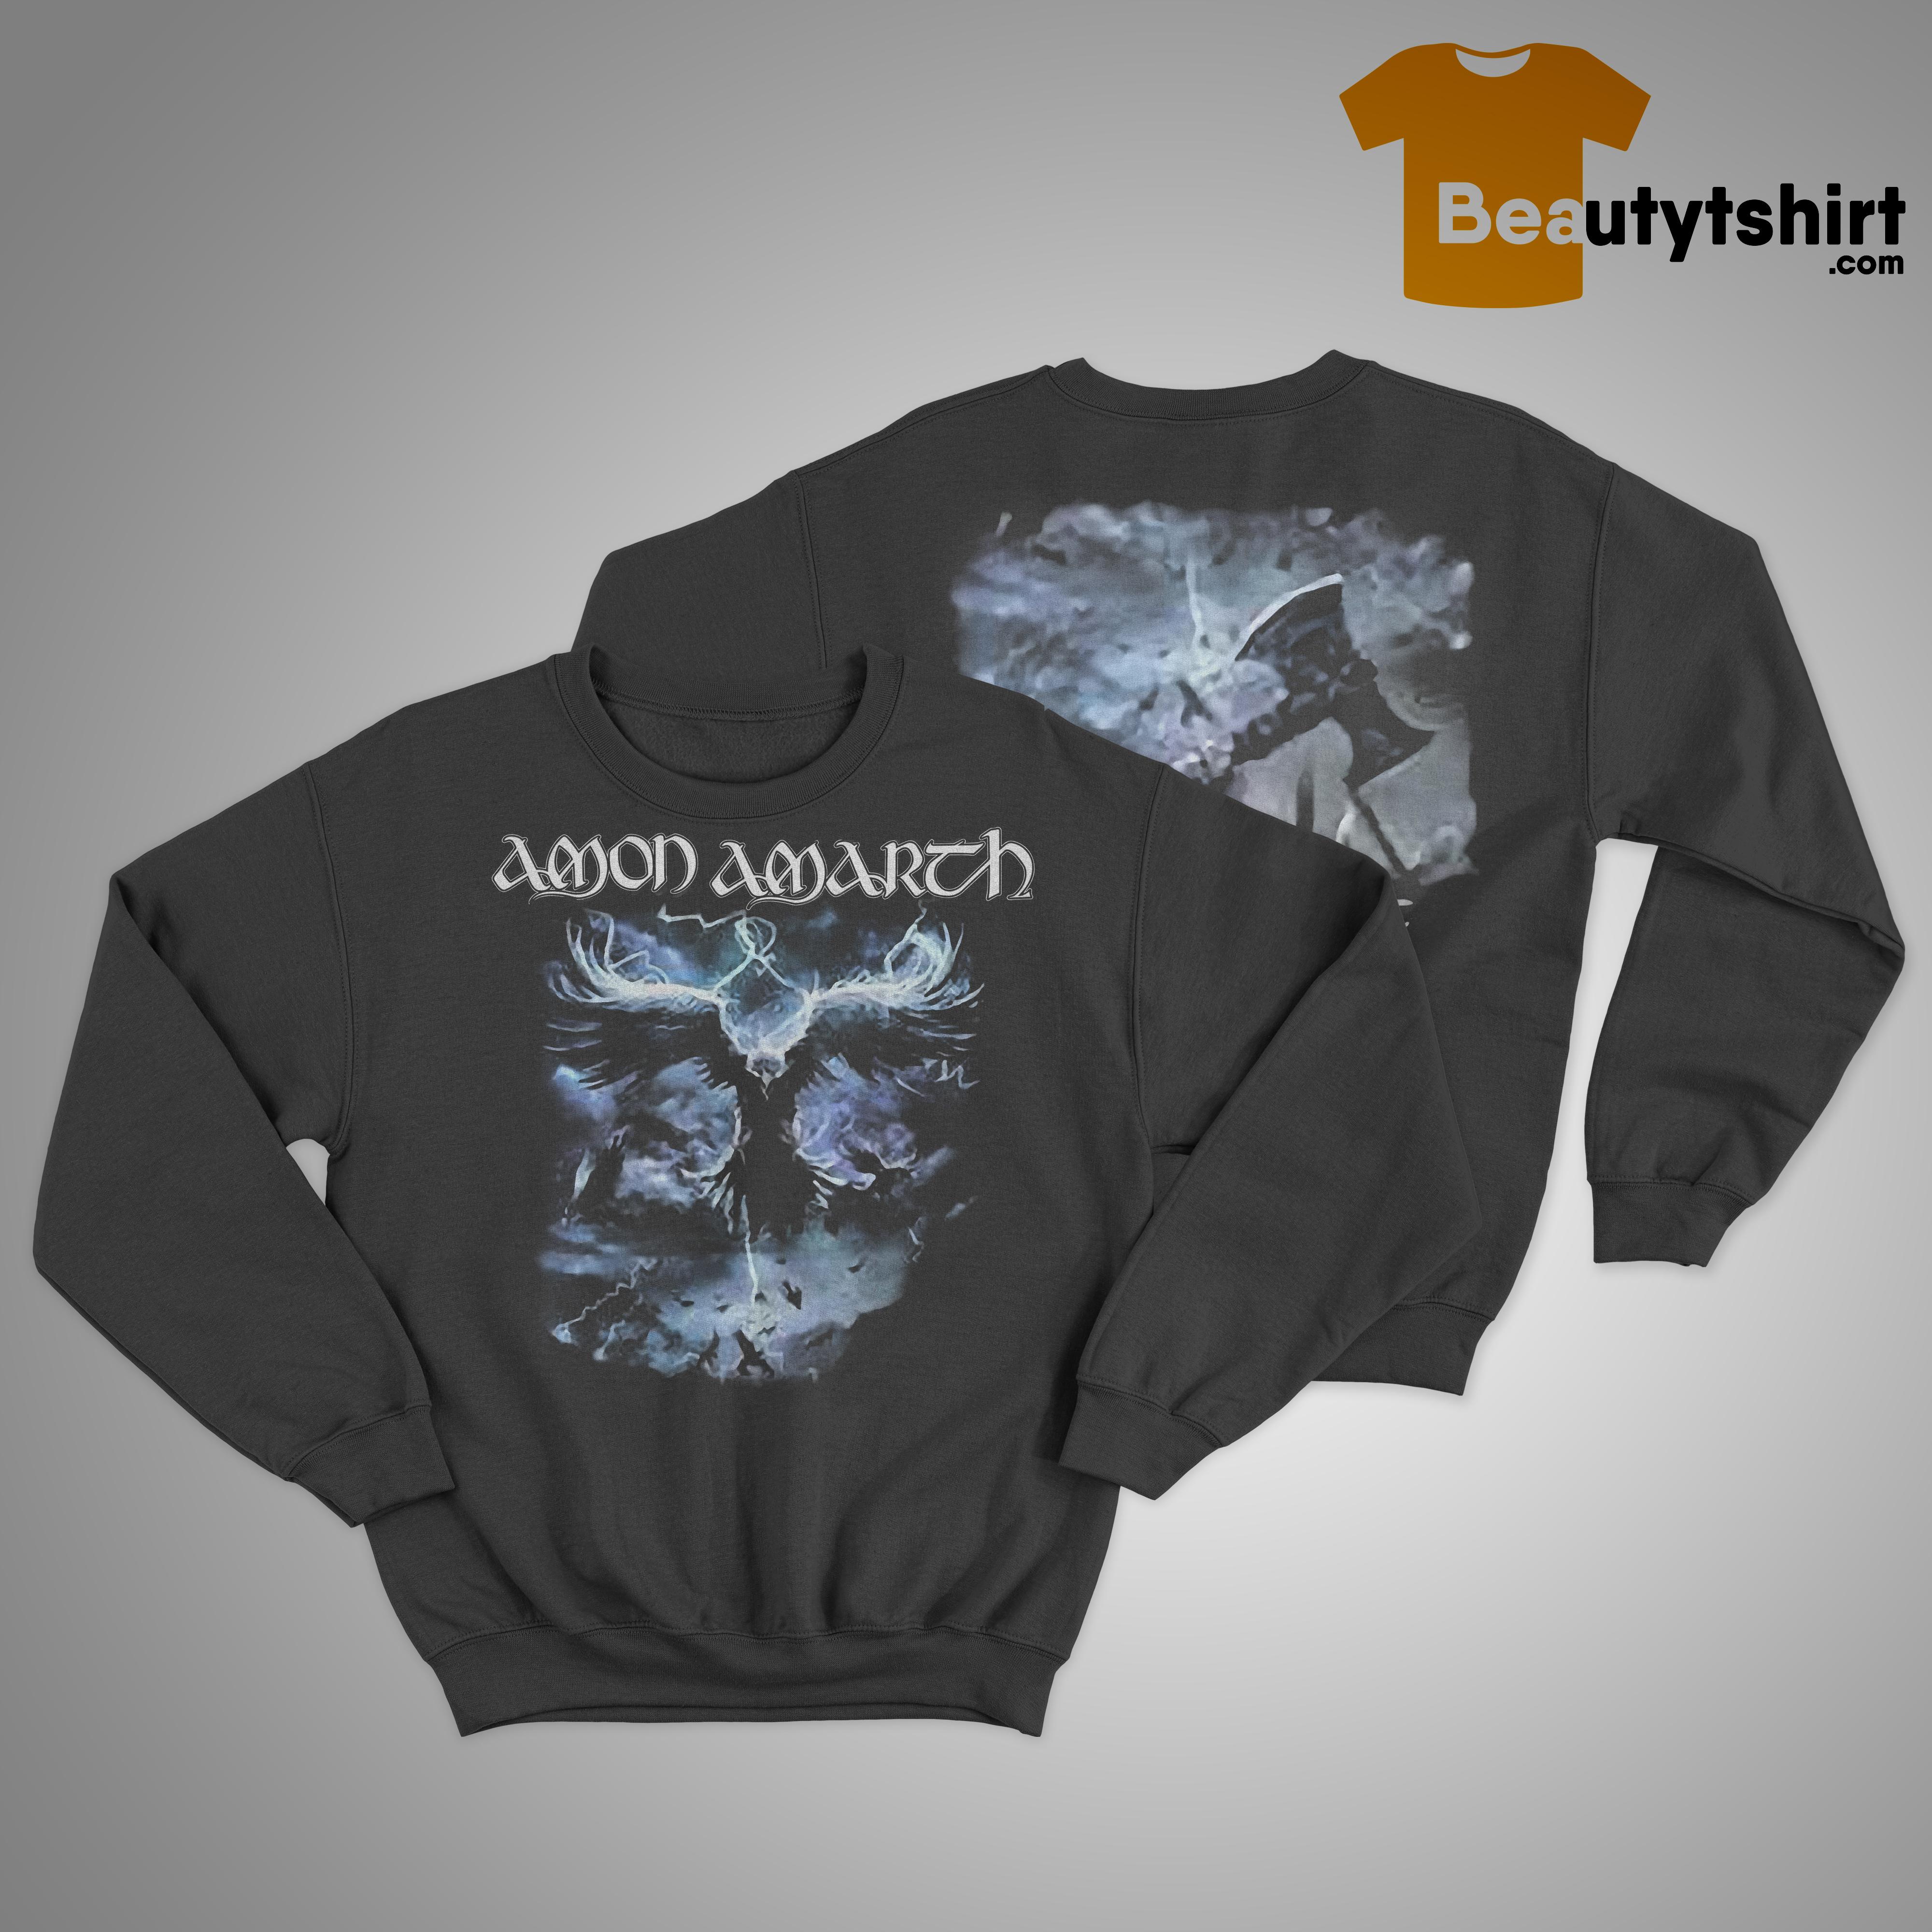 Amon Amarth Raven's Flight Sweater